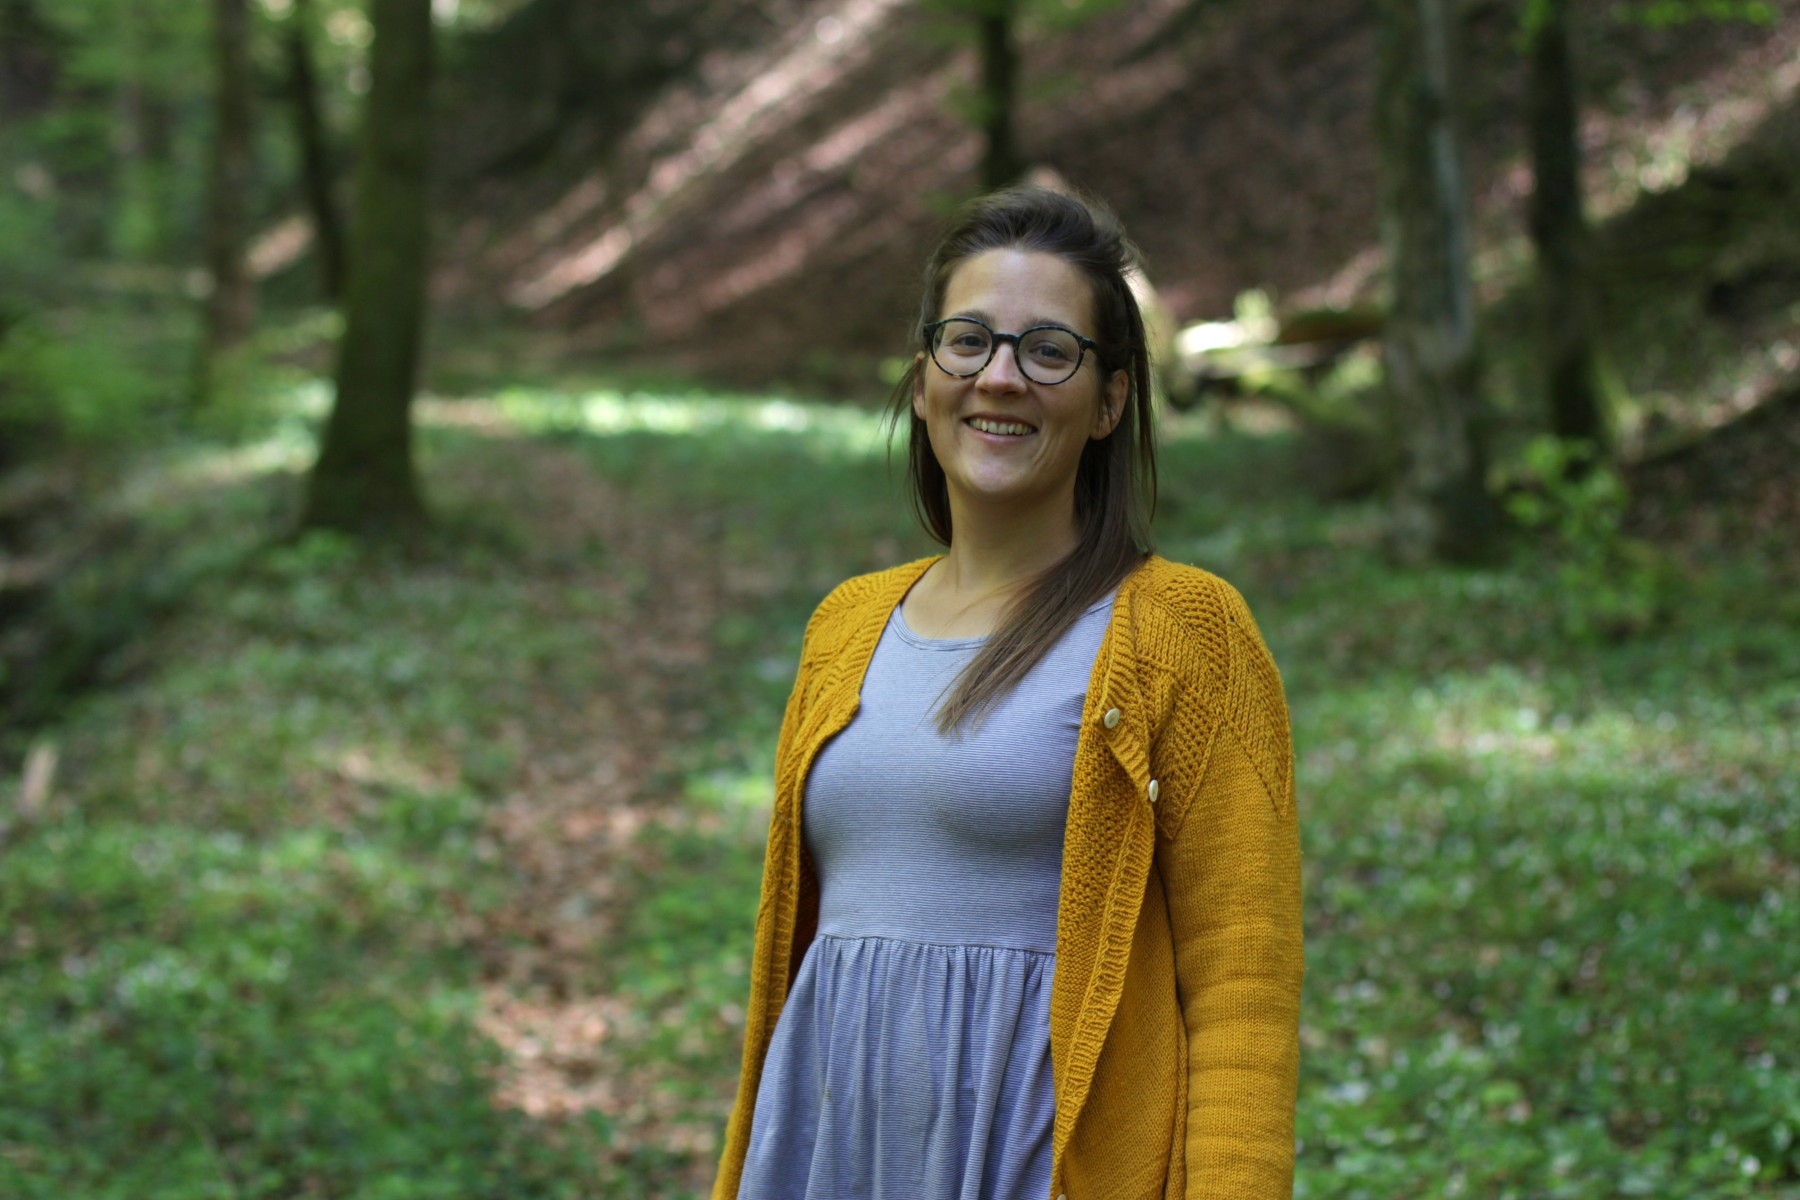 """Mamani Flora - """"Pflanzenmedizin, Naturkosmetik, Green Living. Ich möchte dich inspirieren, voller Vertrauen deine Intuition wahrzunehmen, die natürliche Verbundenheit mit den Pflanzen wieder zu entdecken und die Kraft der Pflanzen ganz bewusst im Alltag zu nutzen."""""""